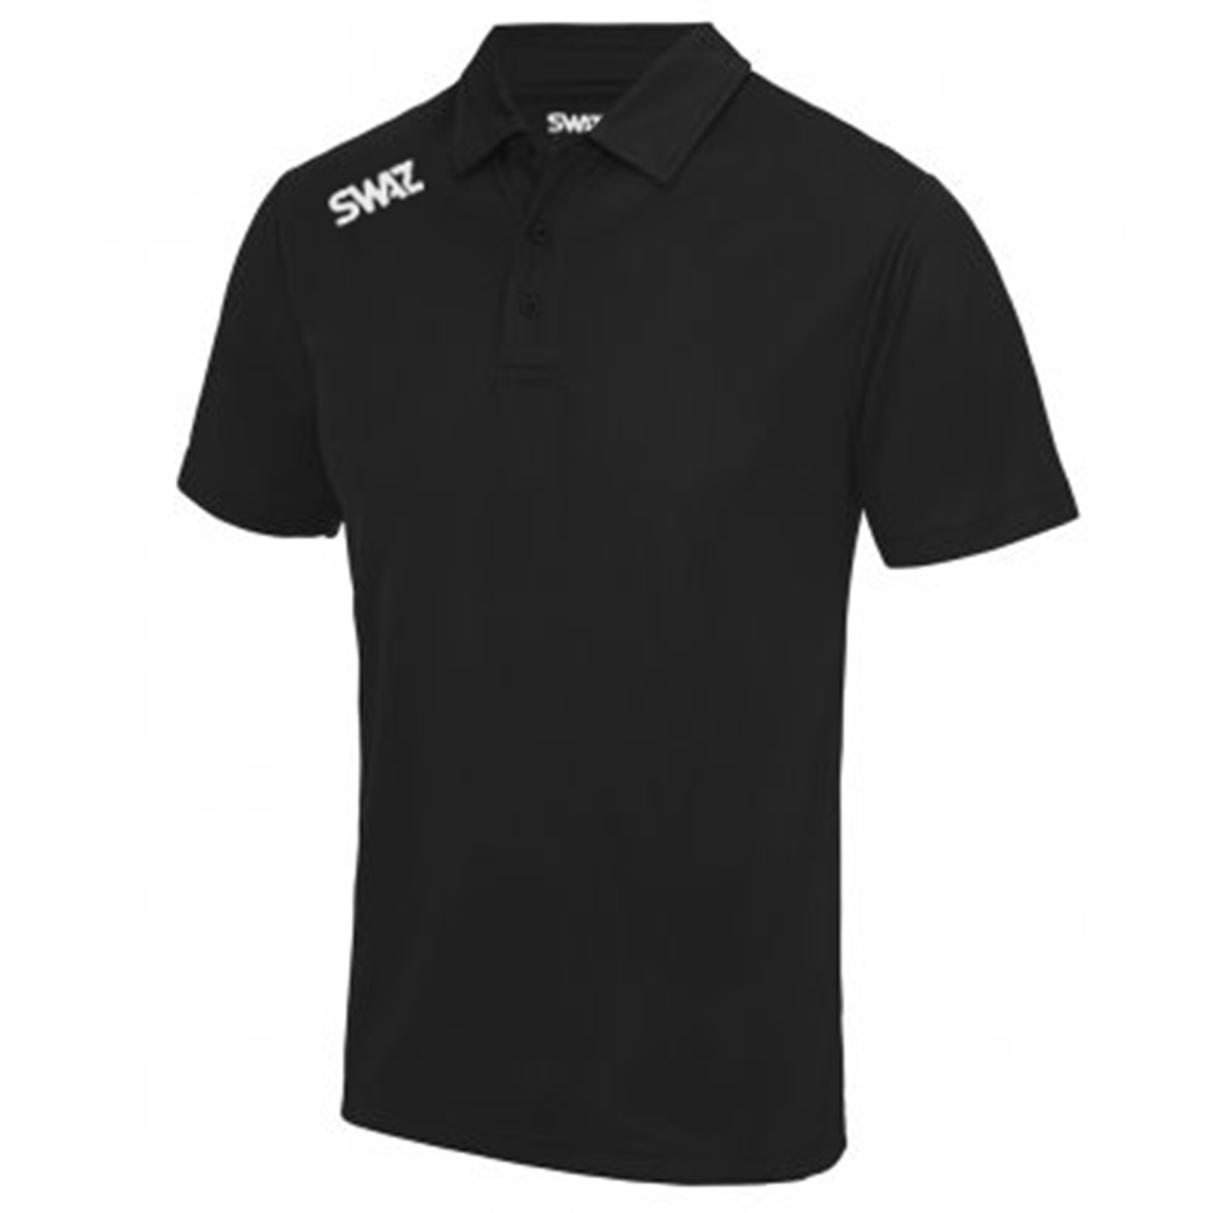 SWAZ Youth Club Polo – Black